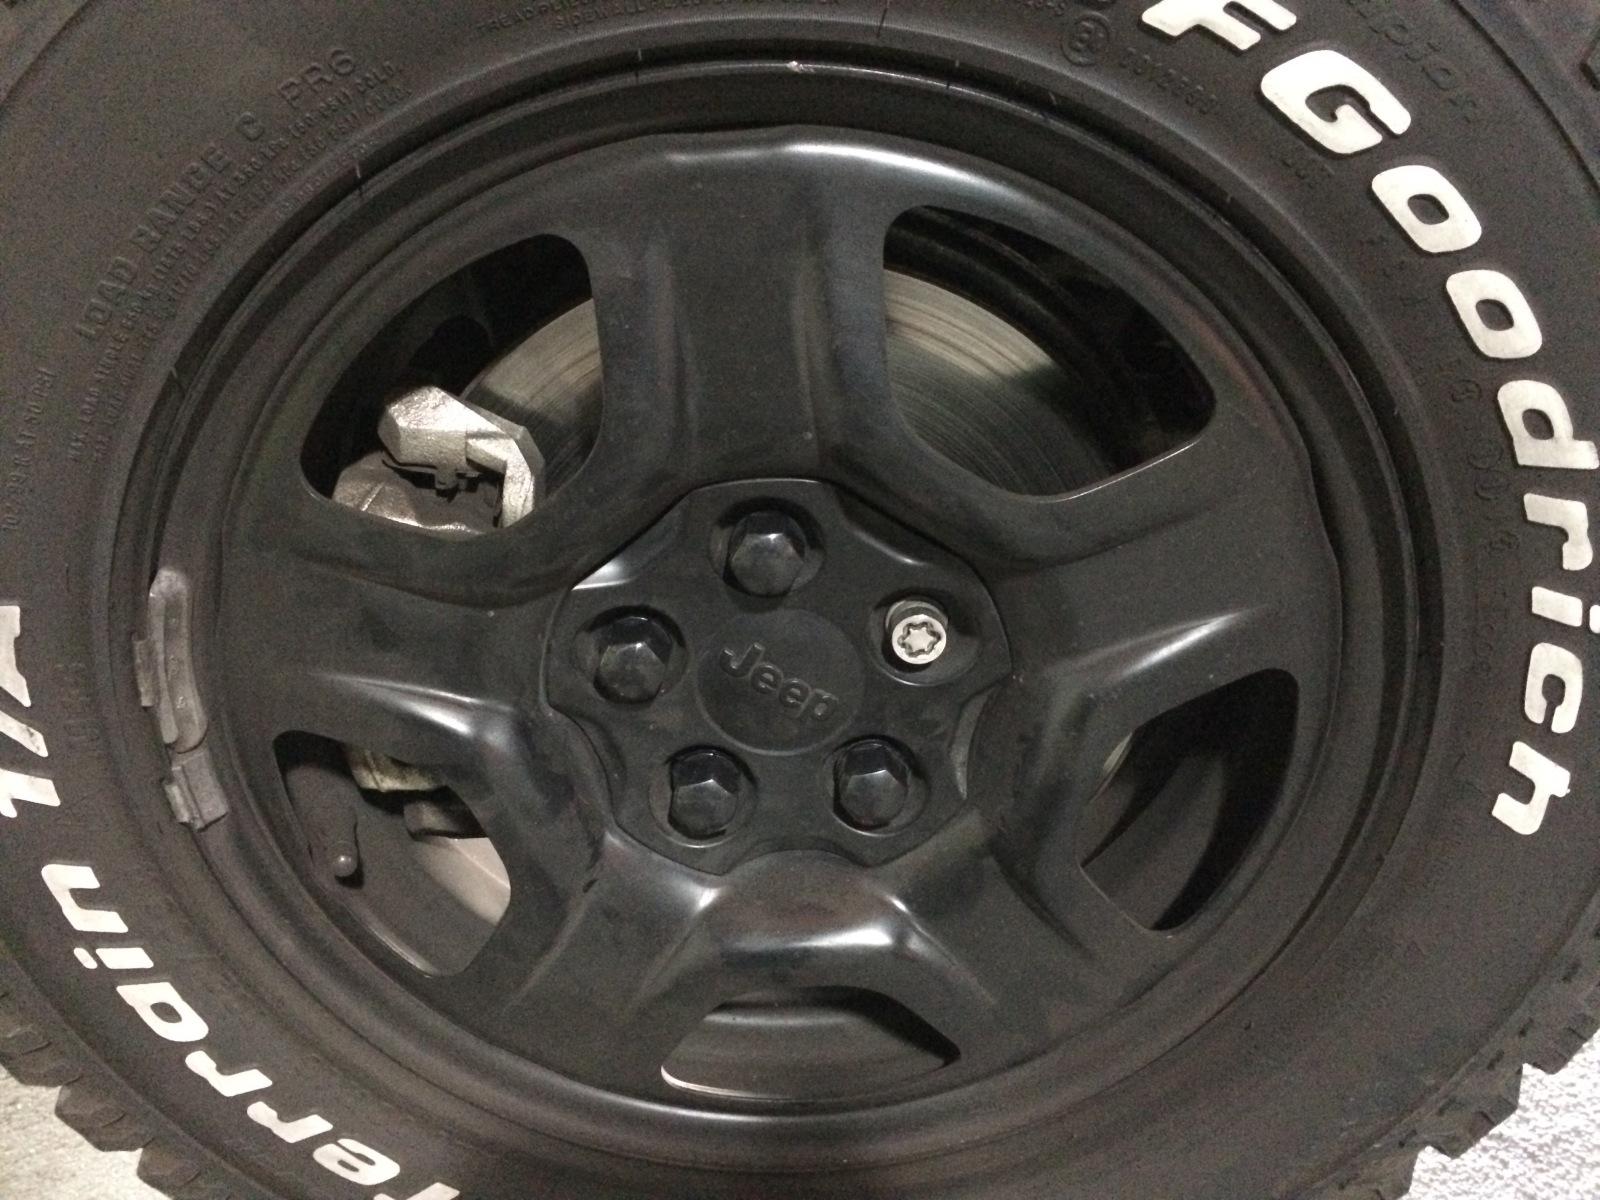 Capa plástica preta parafusos das rodas de aço Noiuxk